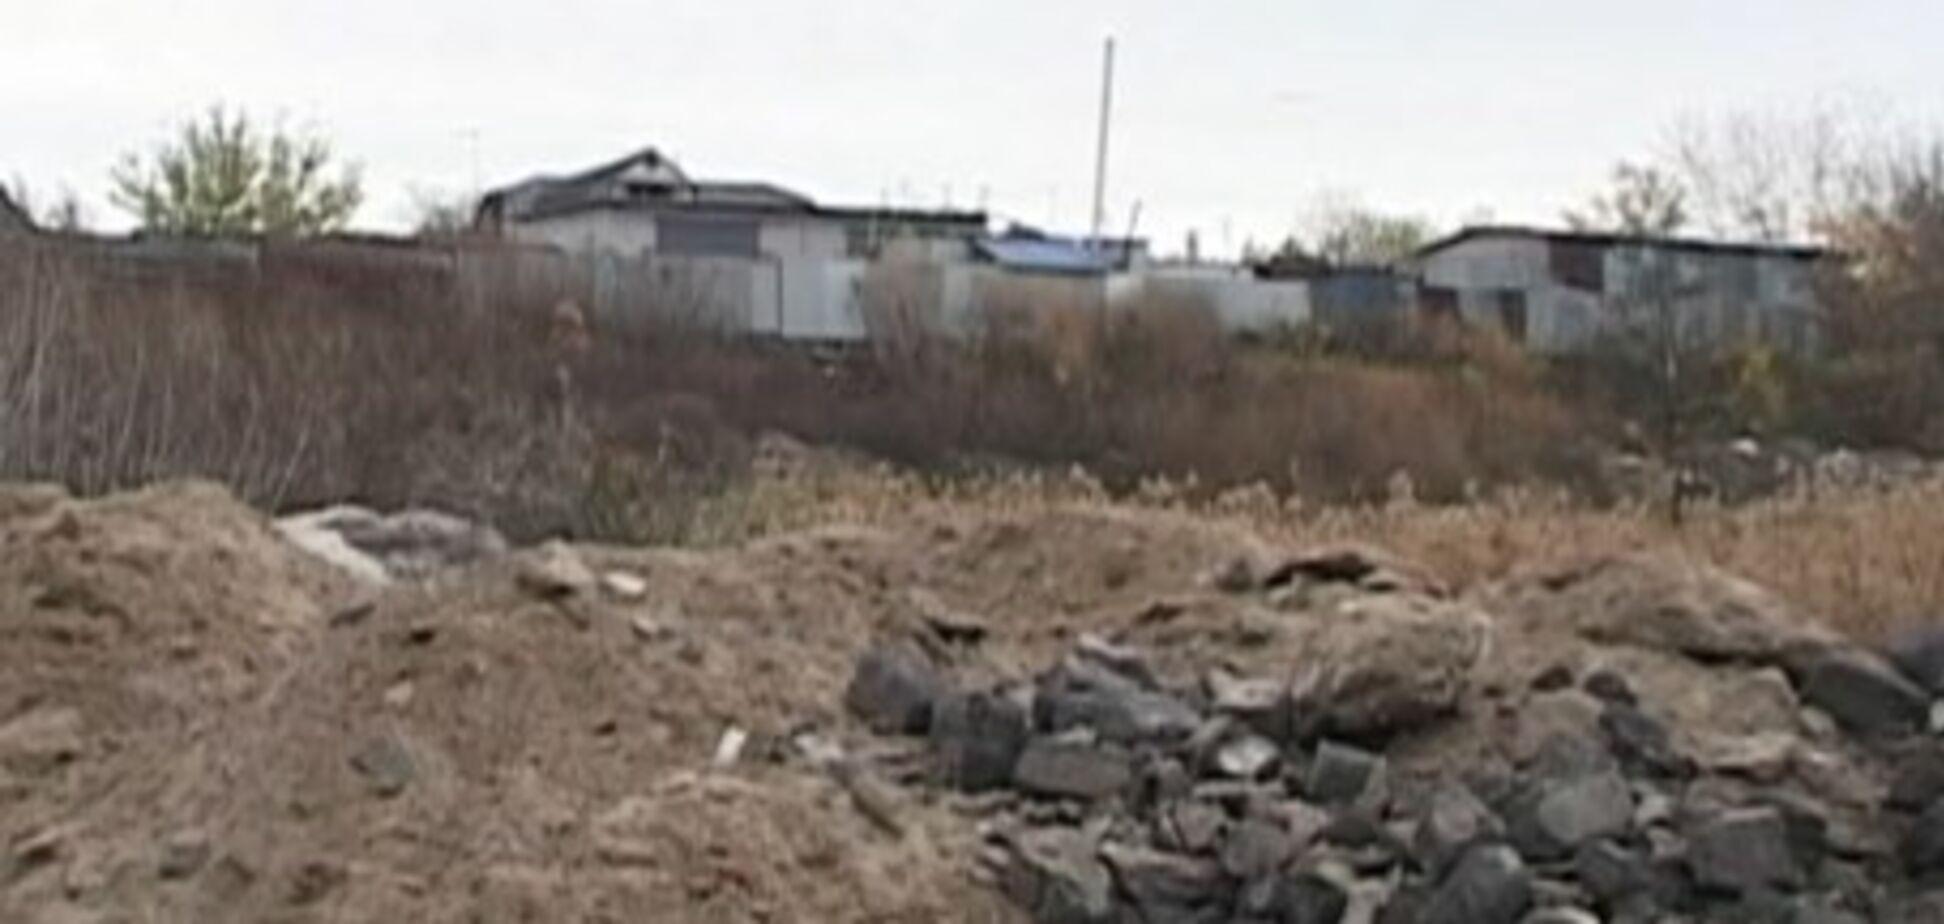 Тонни сміття і небезпечні відходи: під Харковом влаштували сміттєзвалище біля житлових будинків